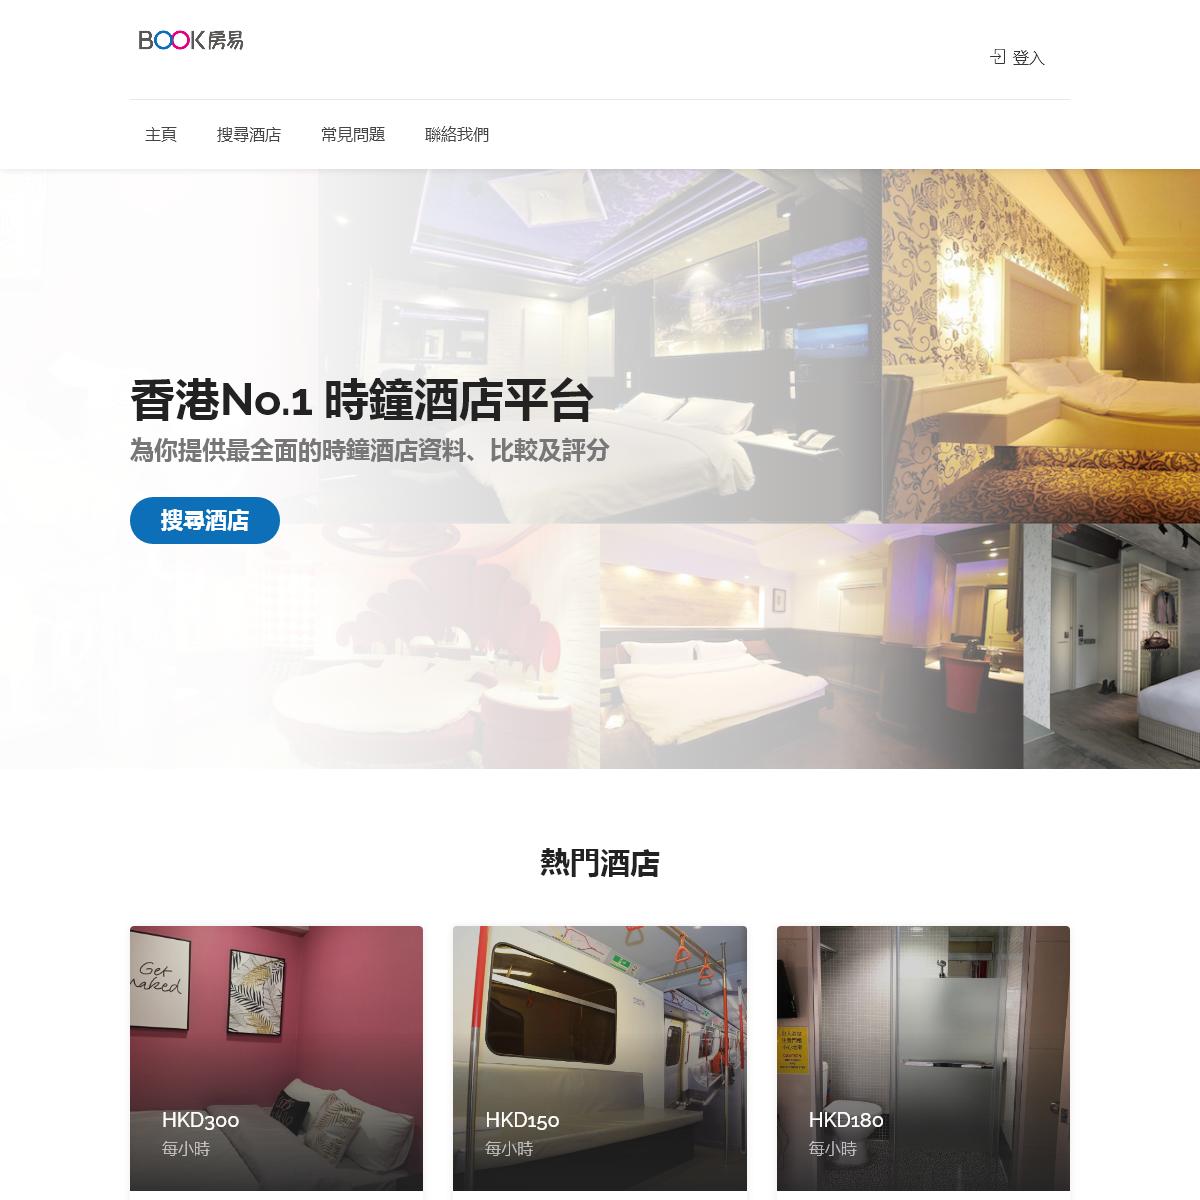 時鐘酒店 香港No.1 資訊平台 - Book房易